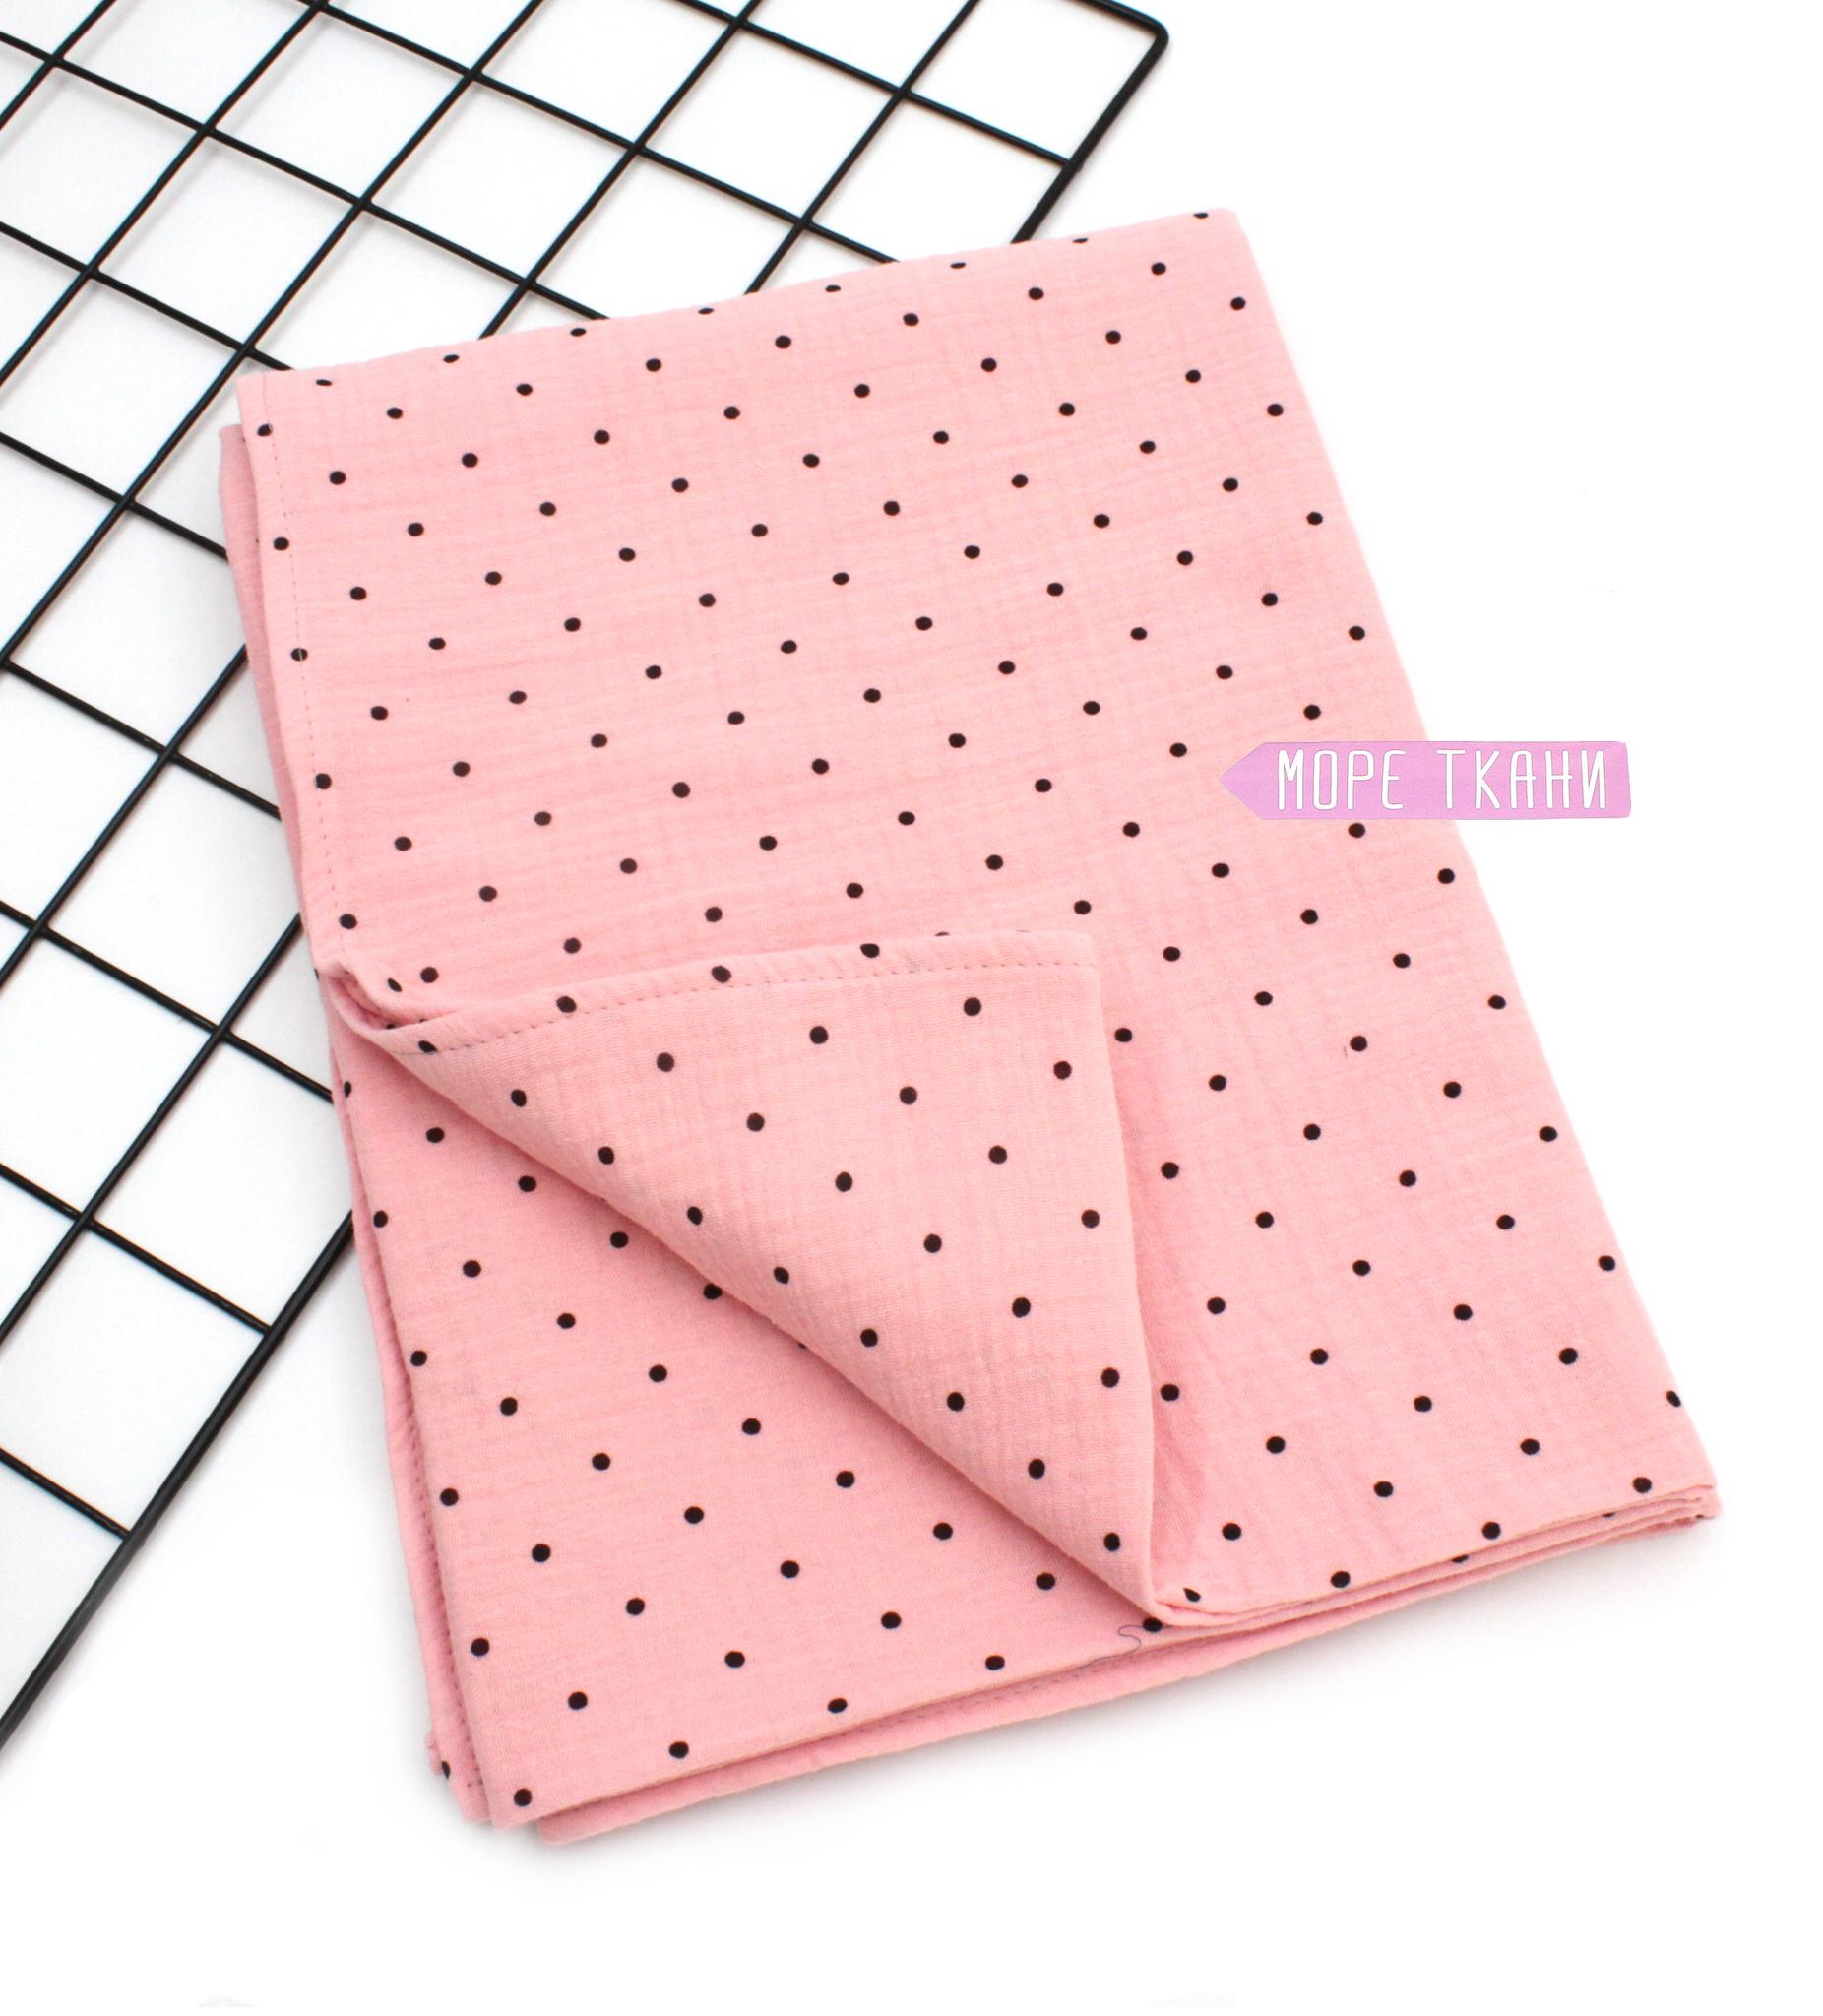 Муслиновая пеленка-горох на розовом,1185(100х130)